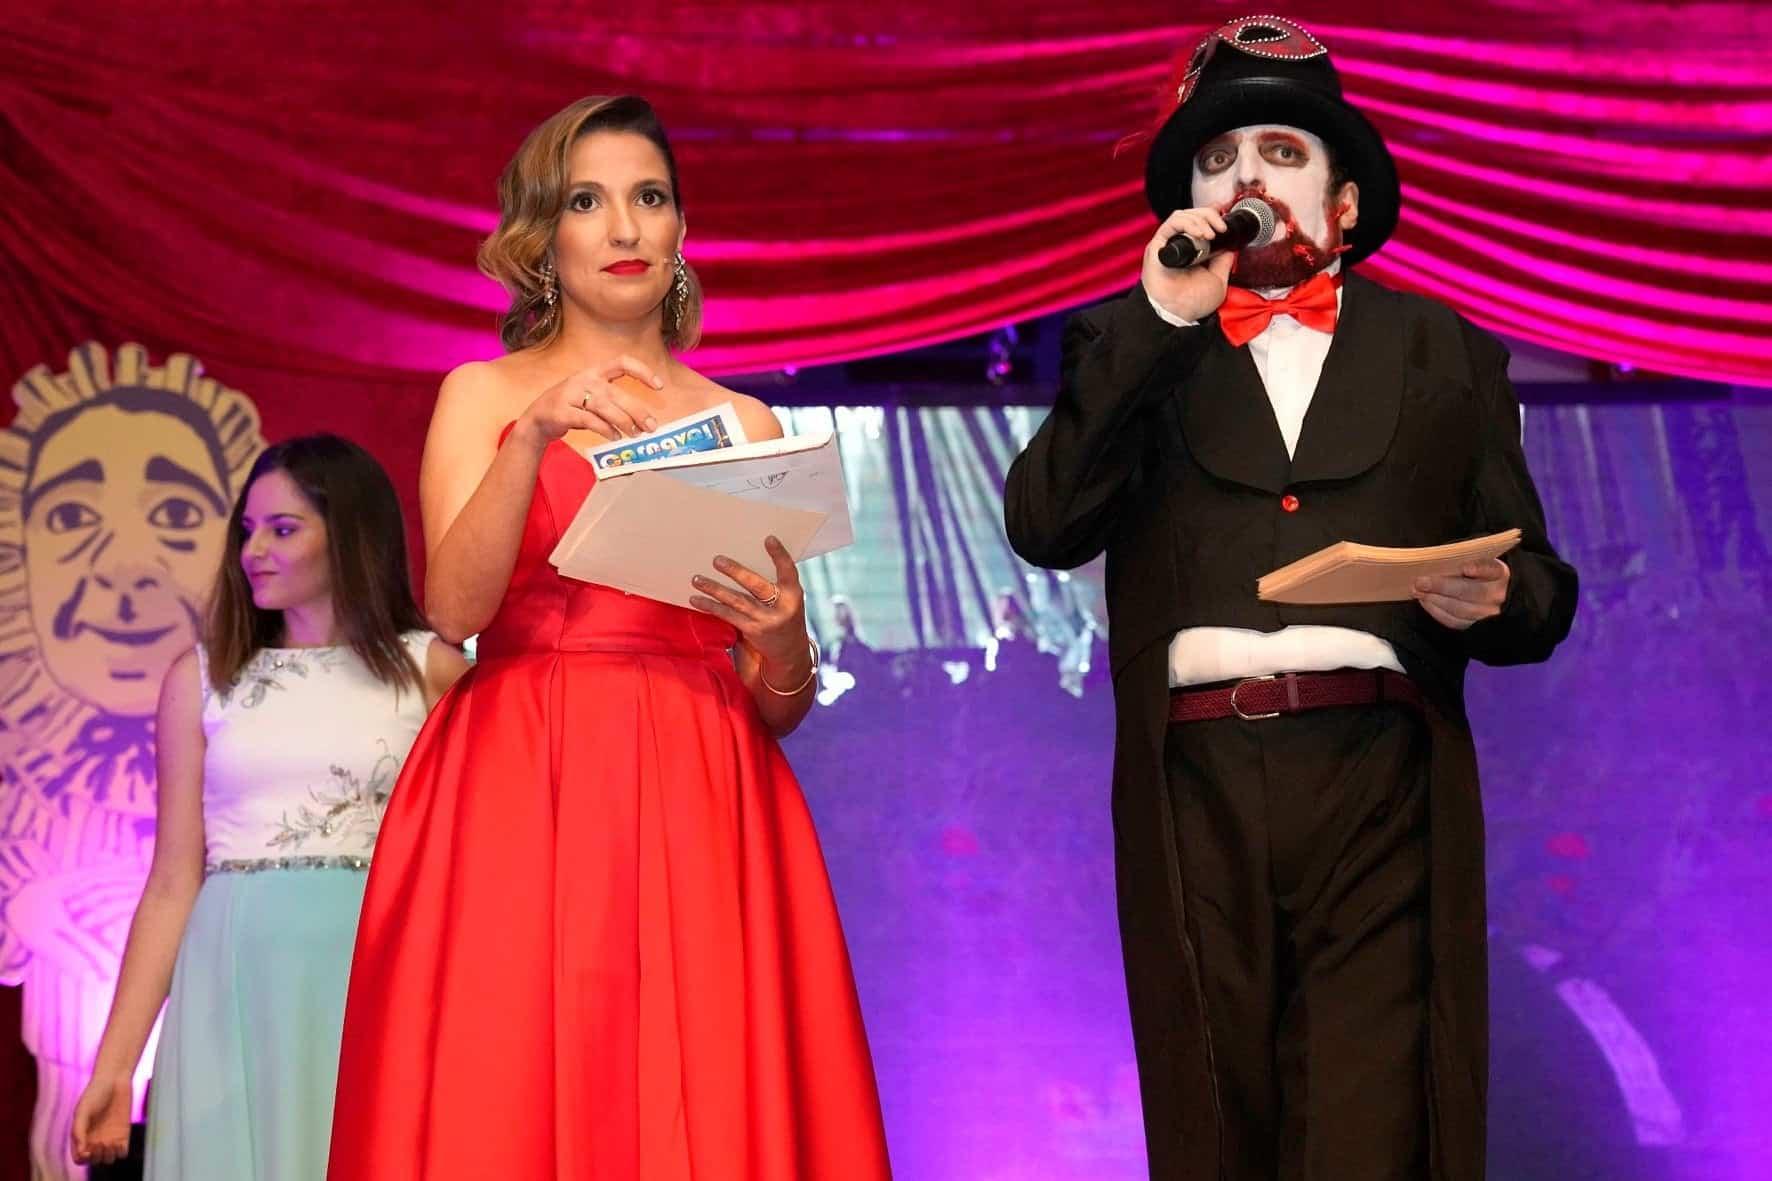 inauguracion carnaval 2020 herencia 10 - Inauguración del Carnaval de Herencia 2020